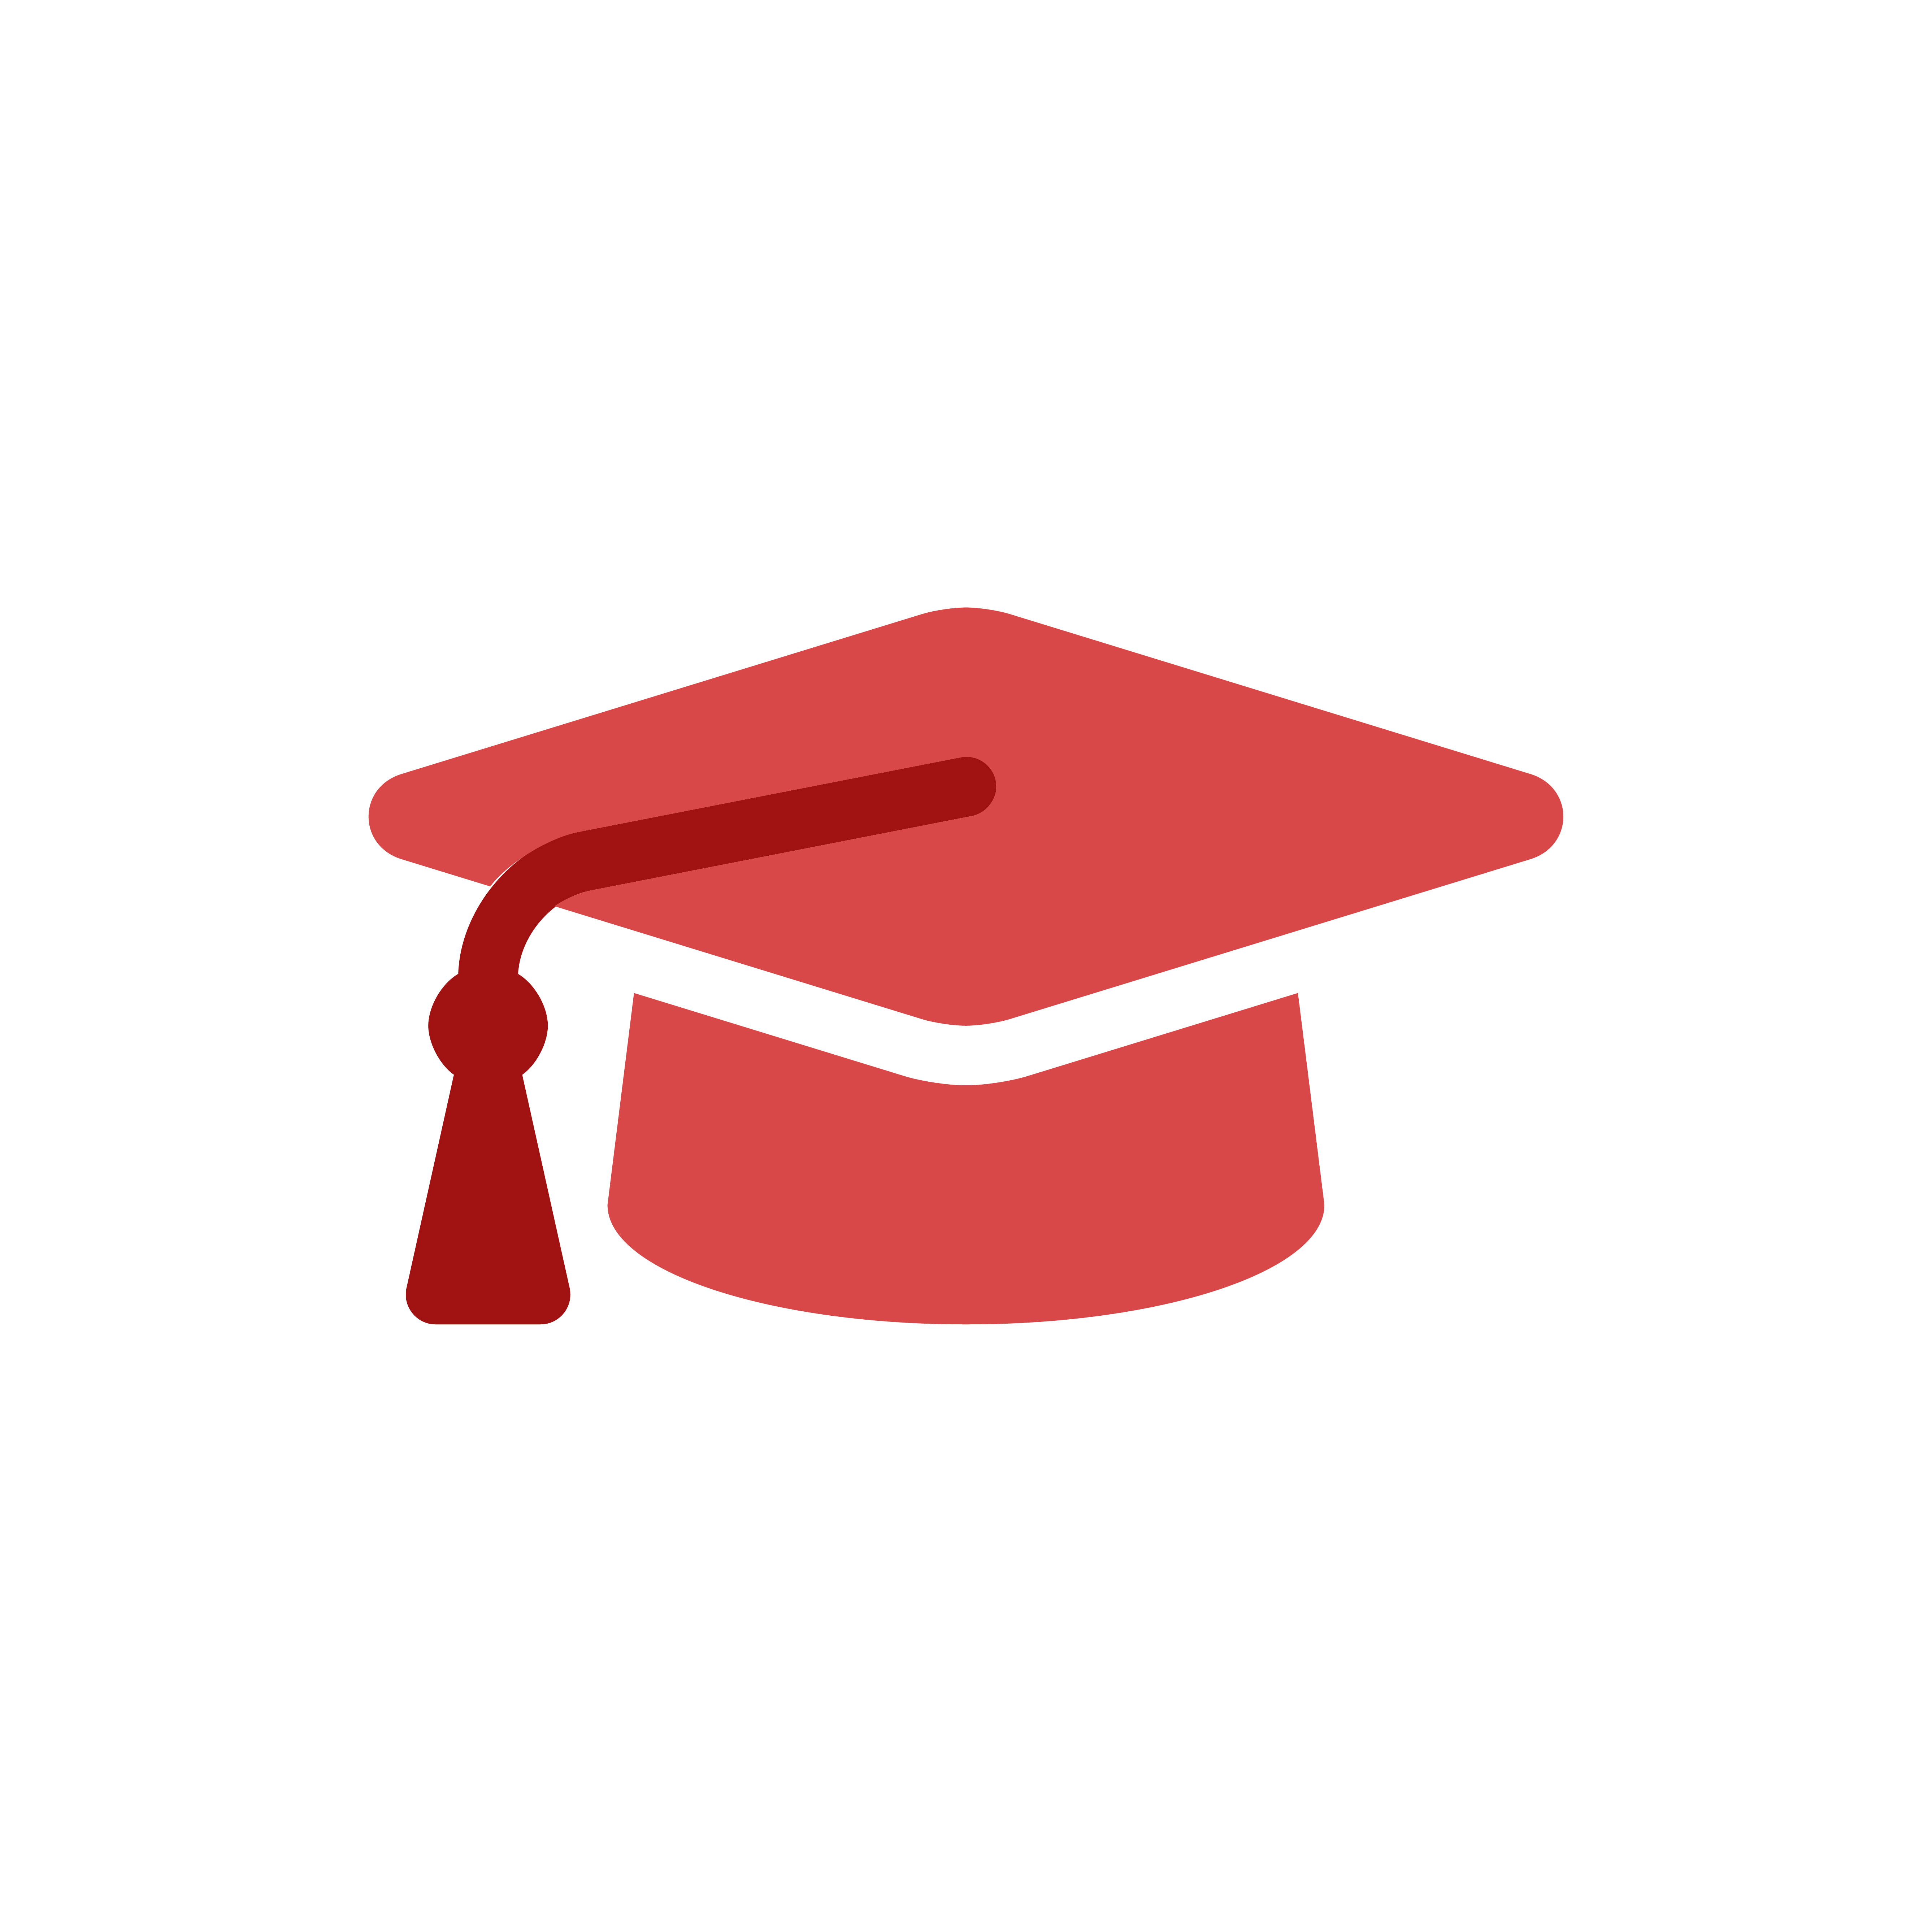 Contributi economici per il trasporto scolastico per studenti residenti frequentanti la scuola secondaria di I grado e il primo biennio delle scuole superiori